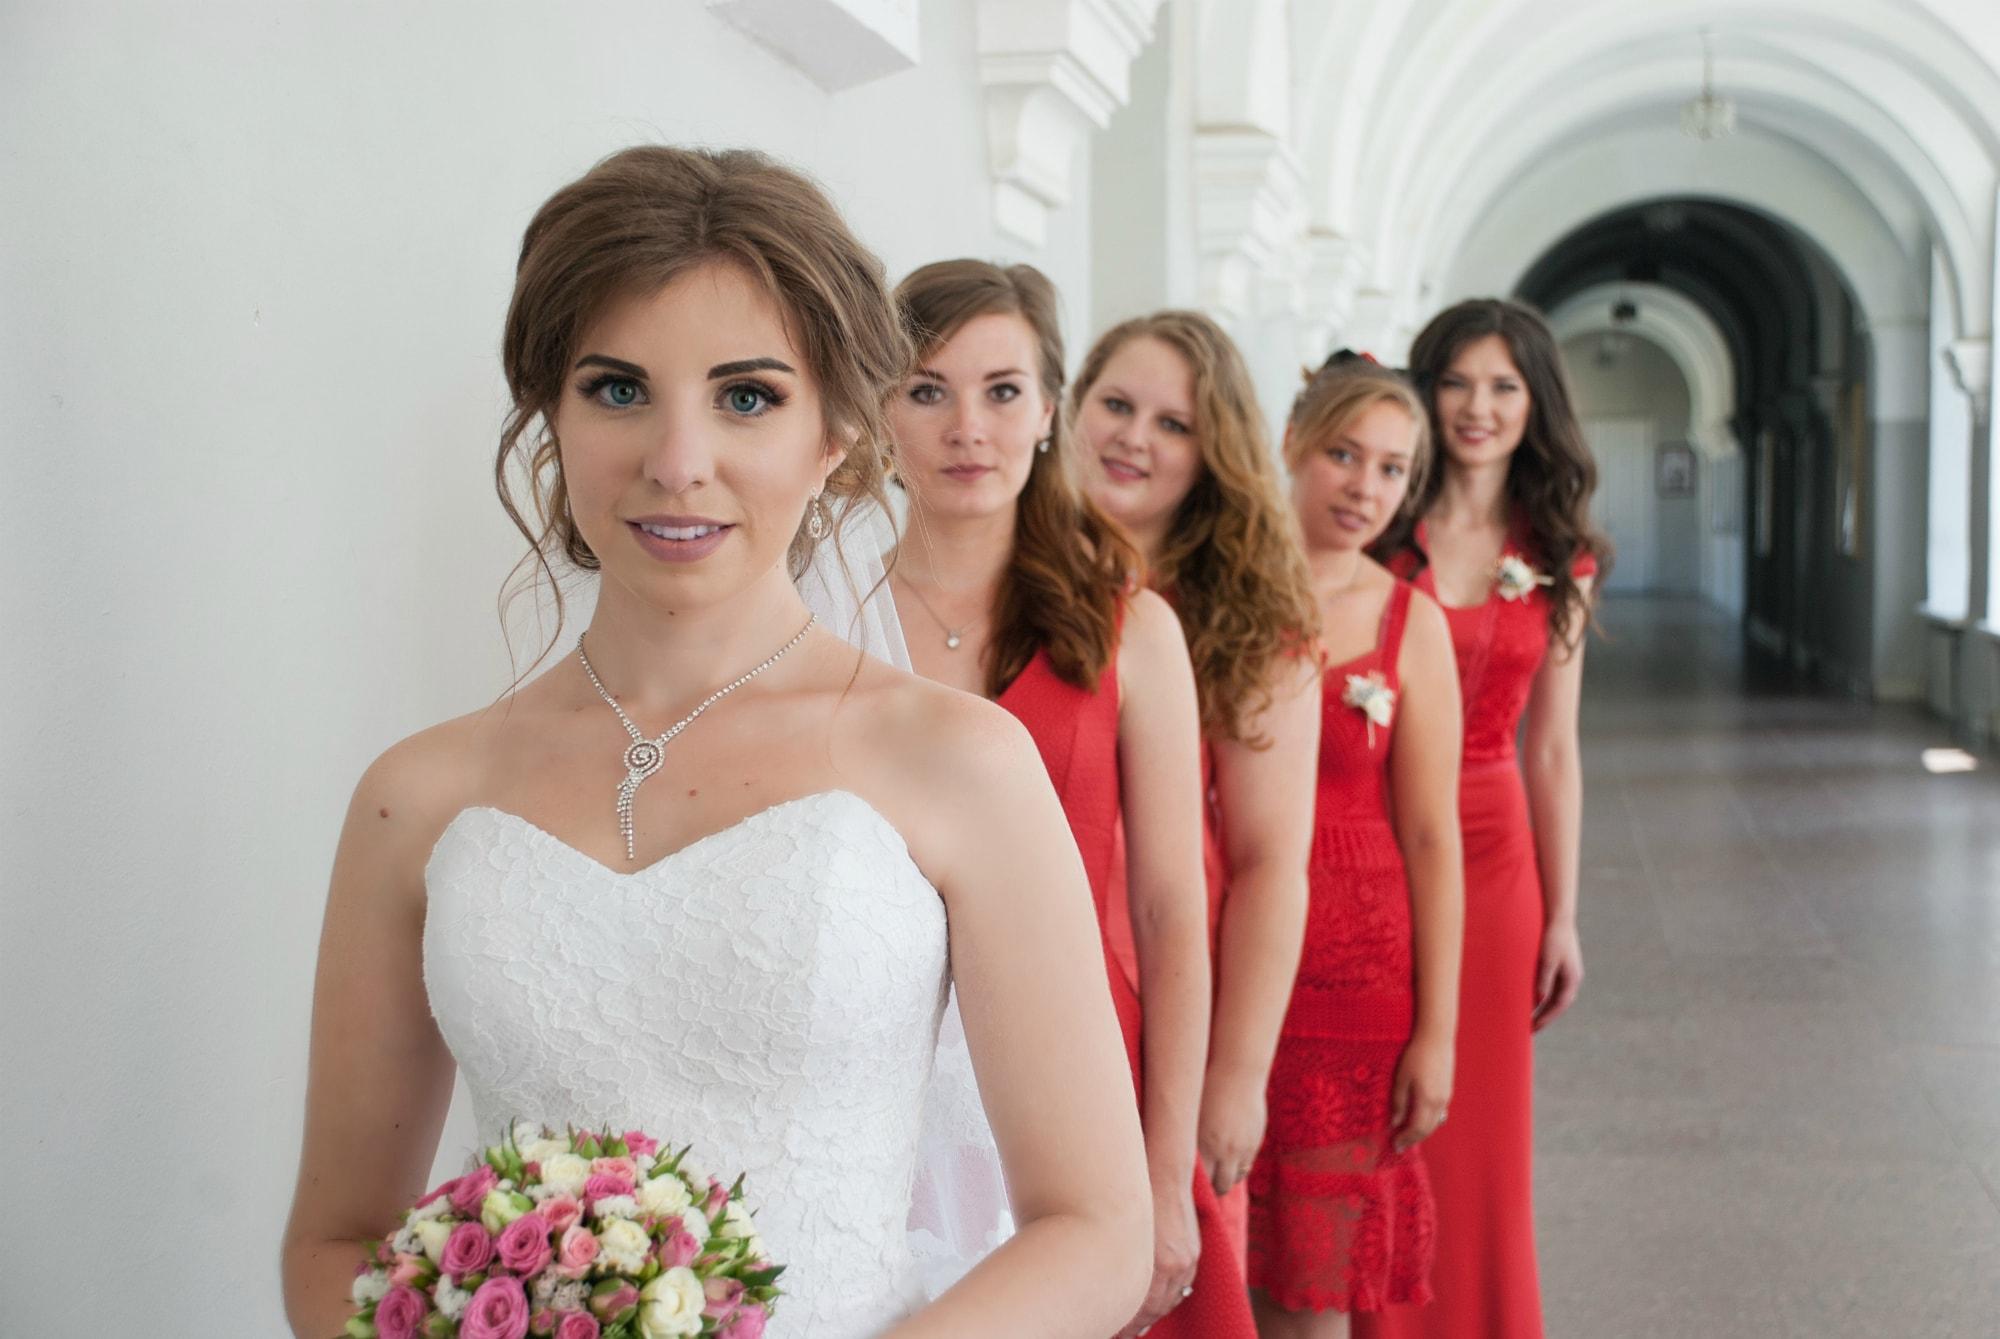 Фотосессия невесты с подружками - Фотограф Киев - Женя Лайт